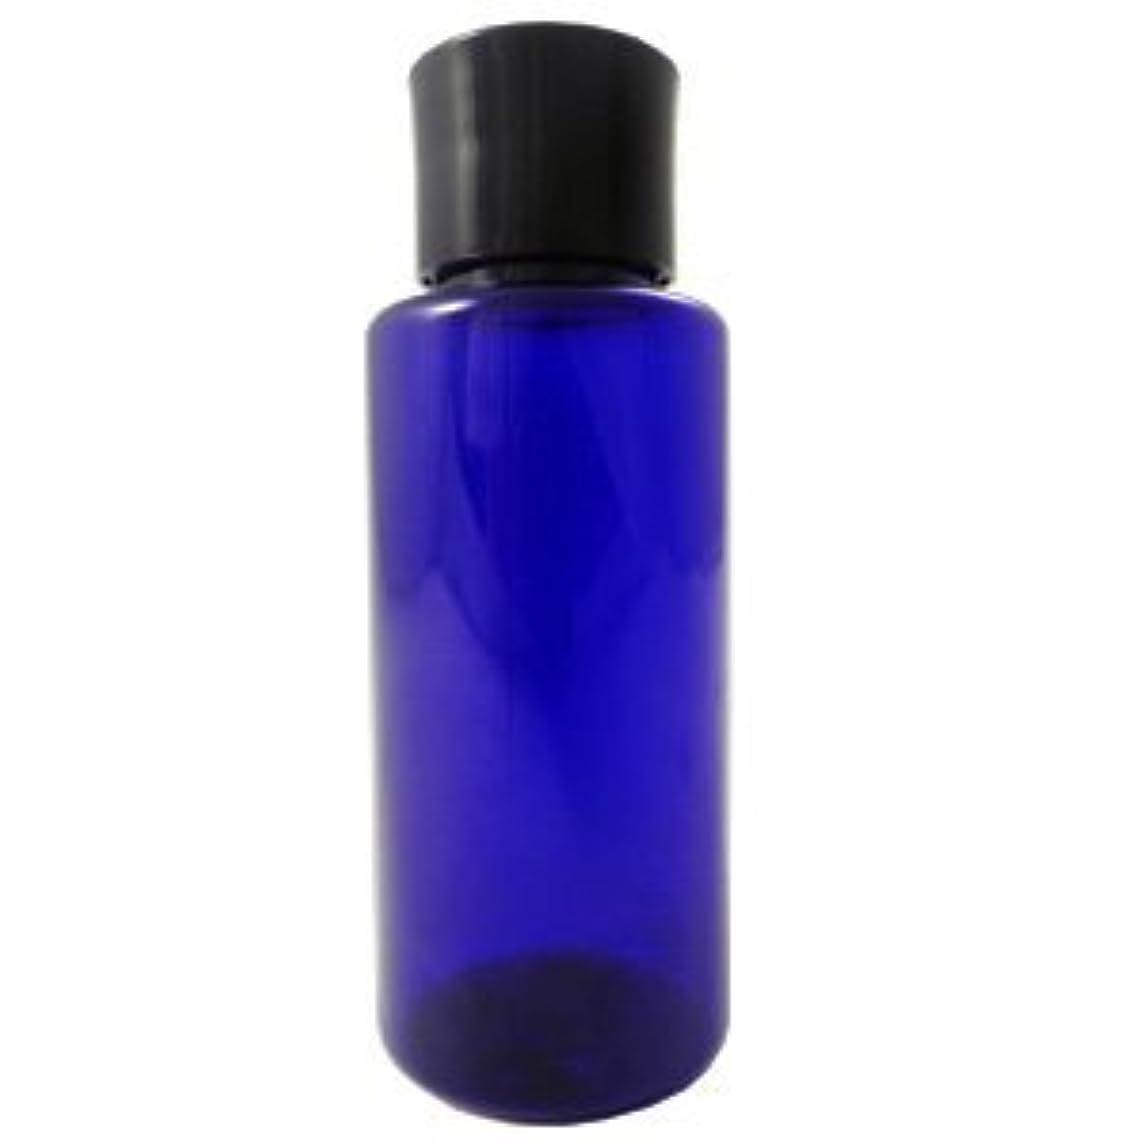 キャリッジ概念神経PETボトル コバルトブルー 青 50ml 化粧水用中栓